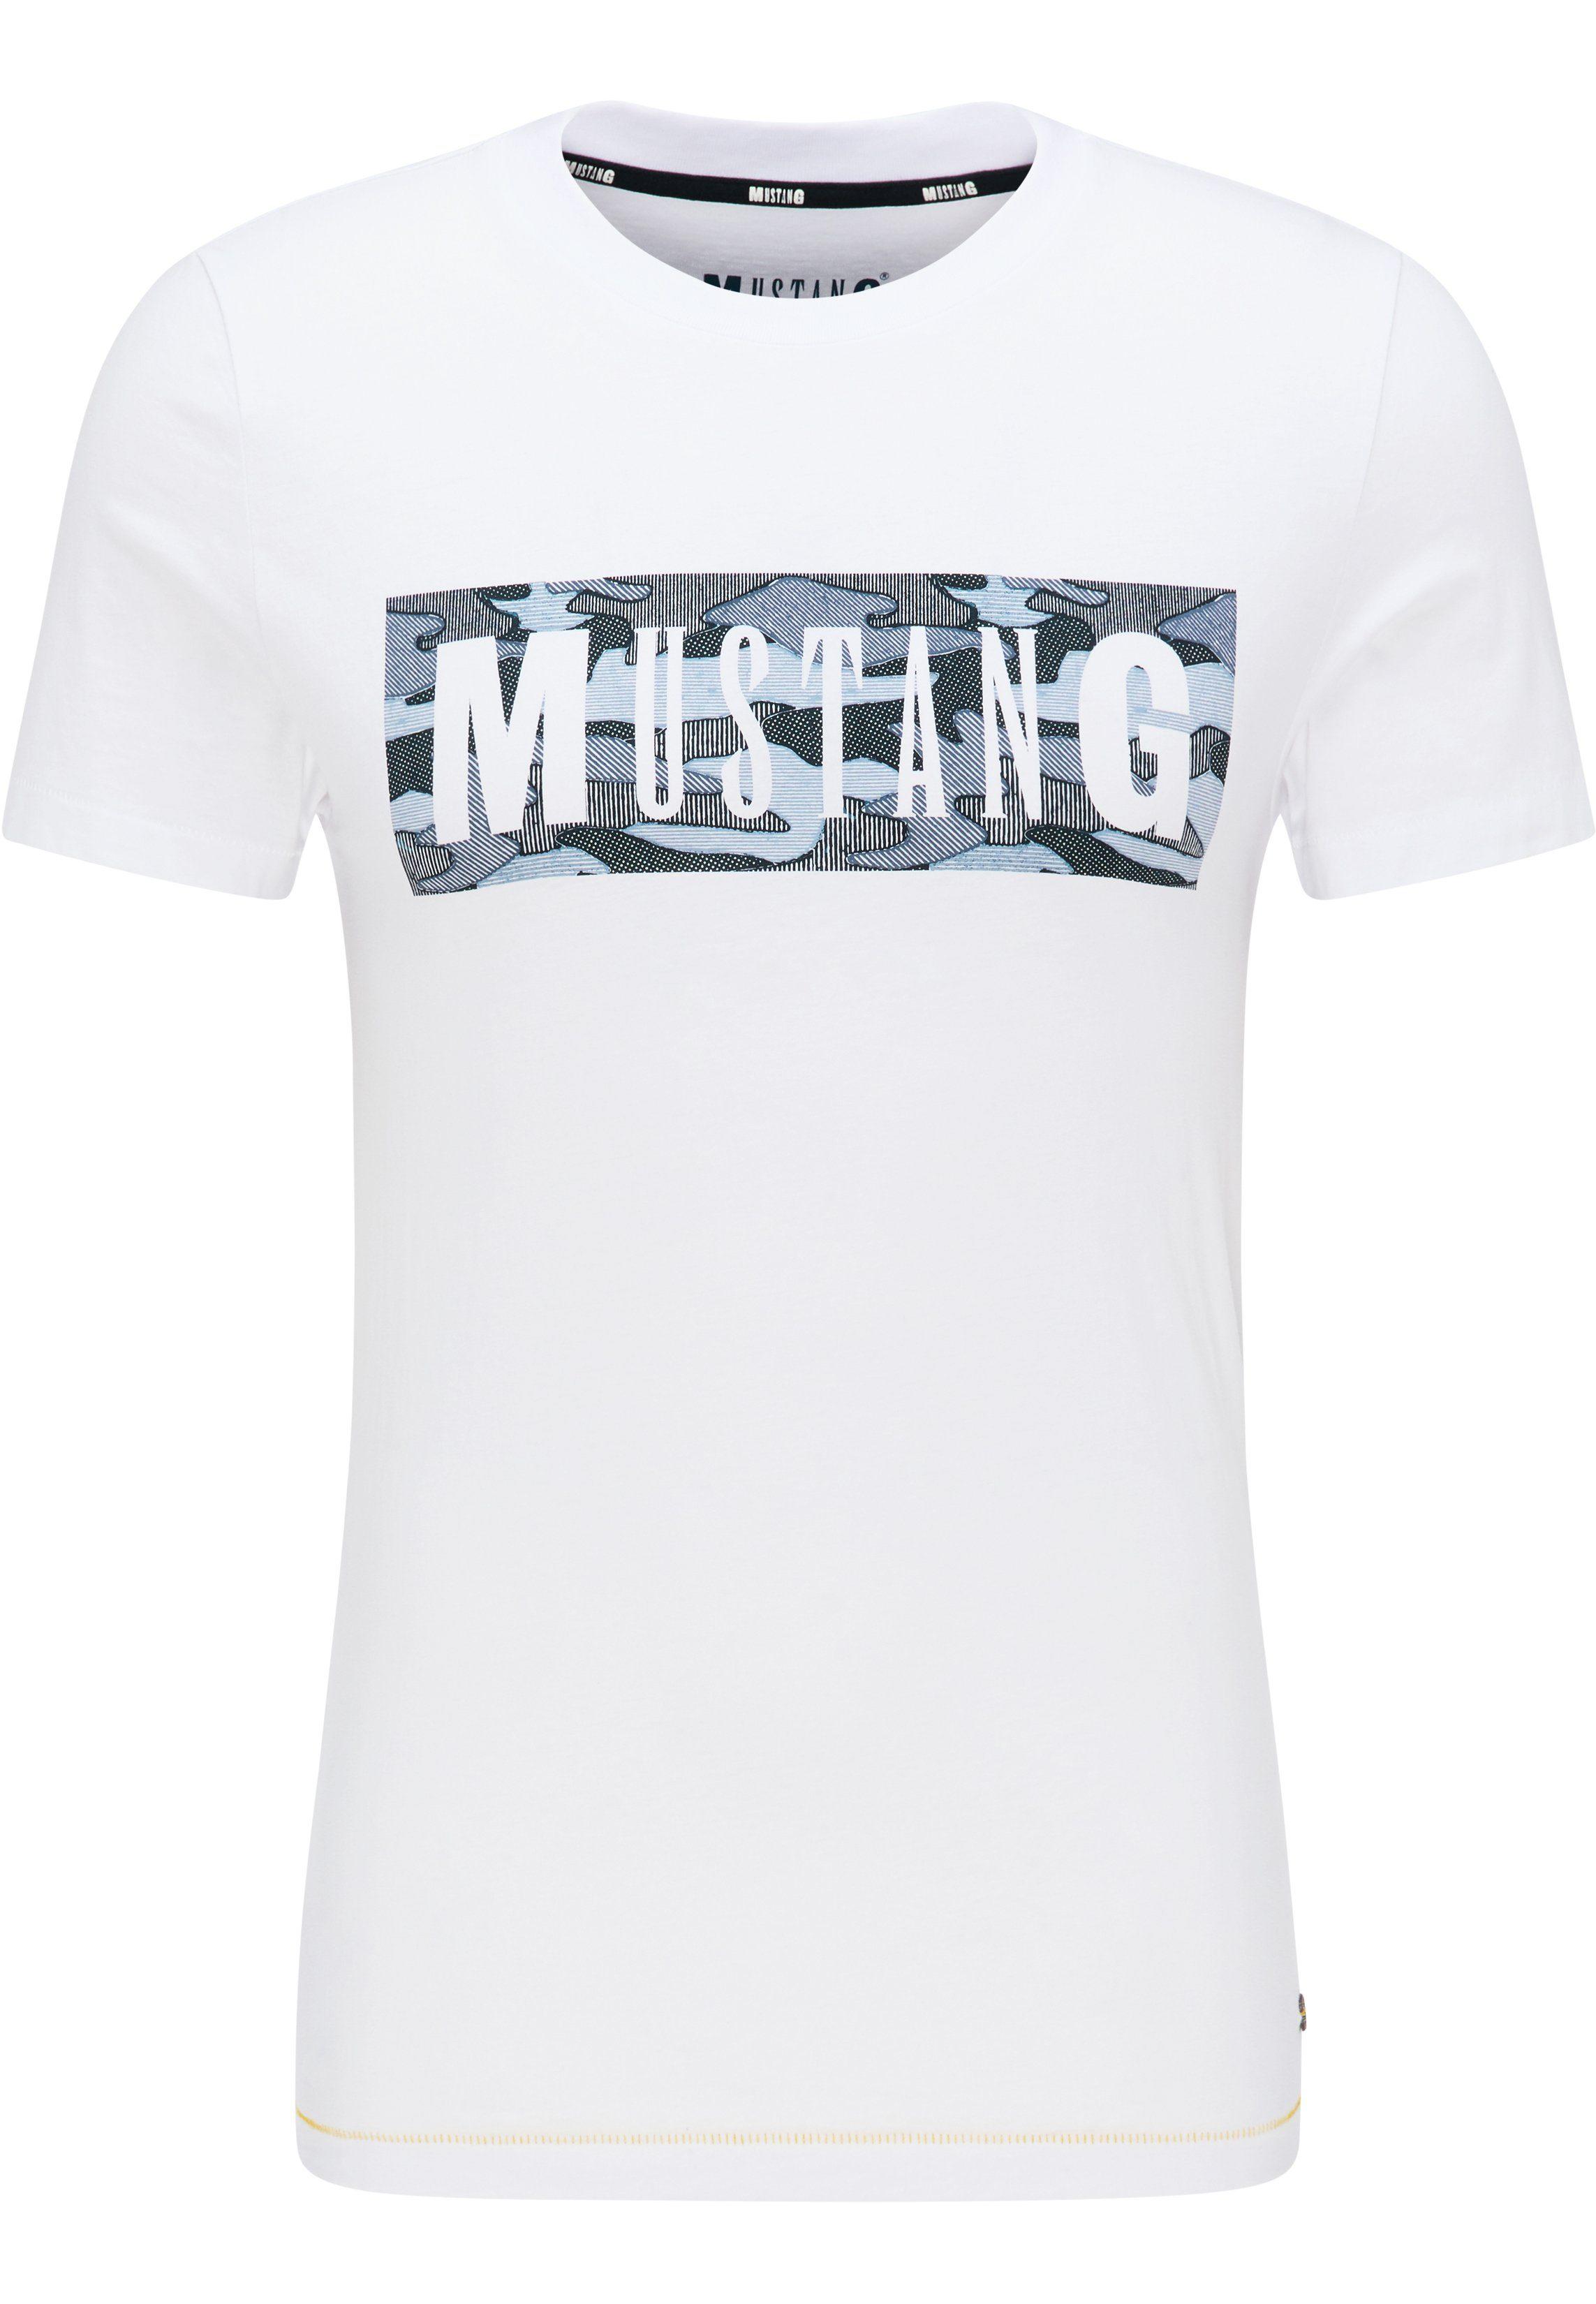 MUSTANG t-shirt  Aaron C Print makkelijk gevonden